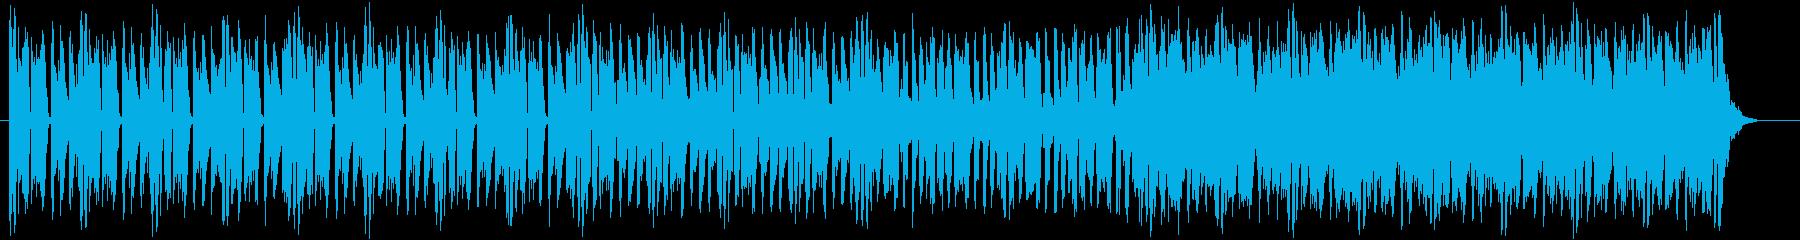 キレよく軽い音色のミュージックの再生済みの波形